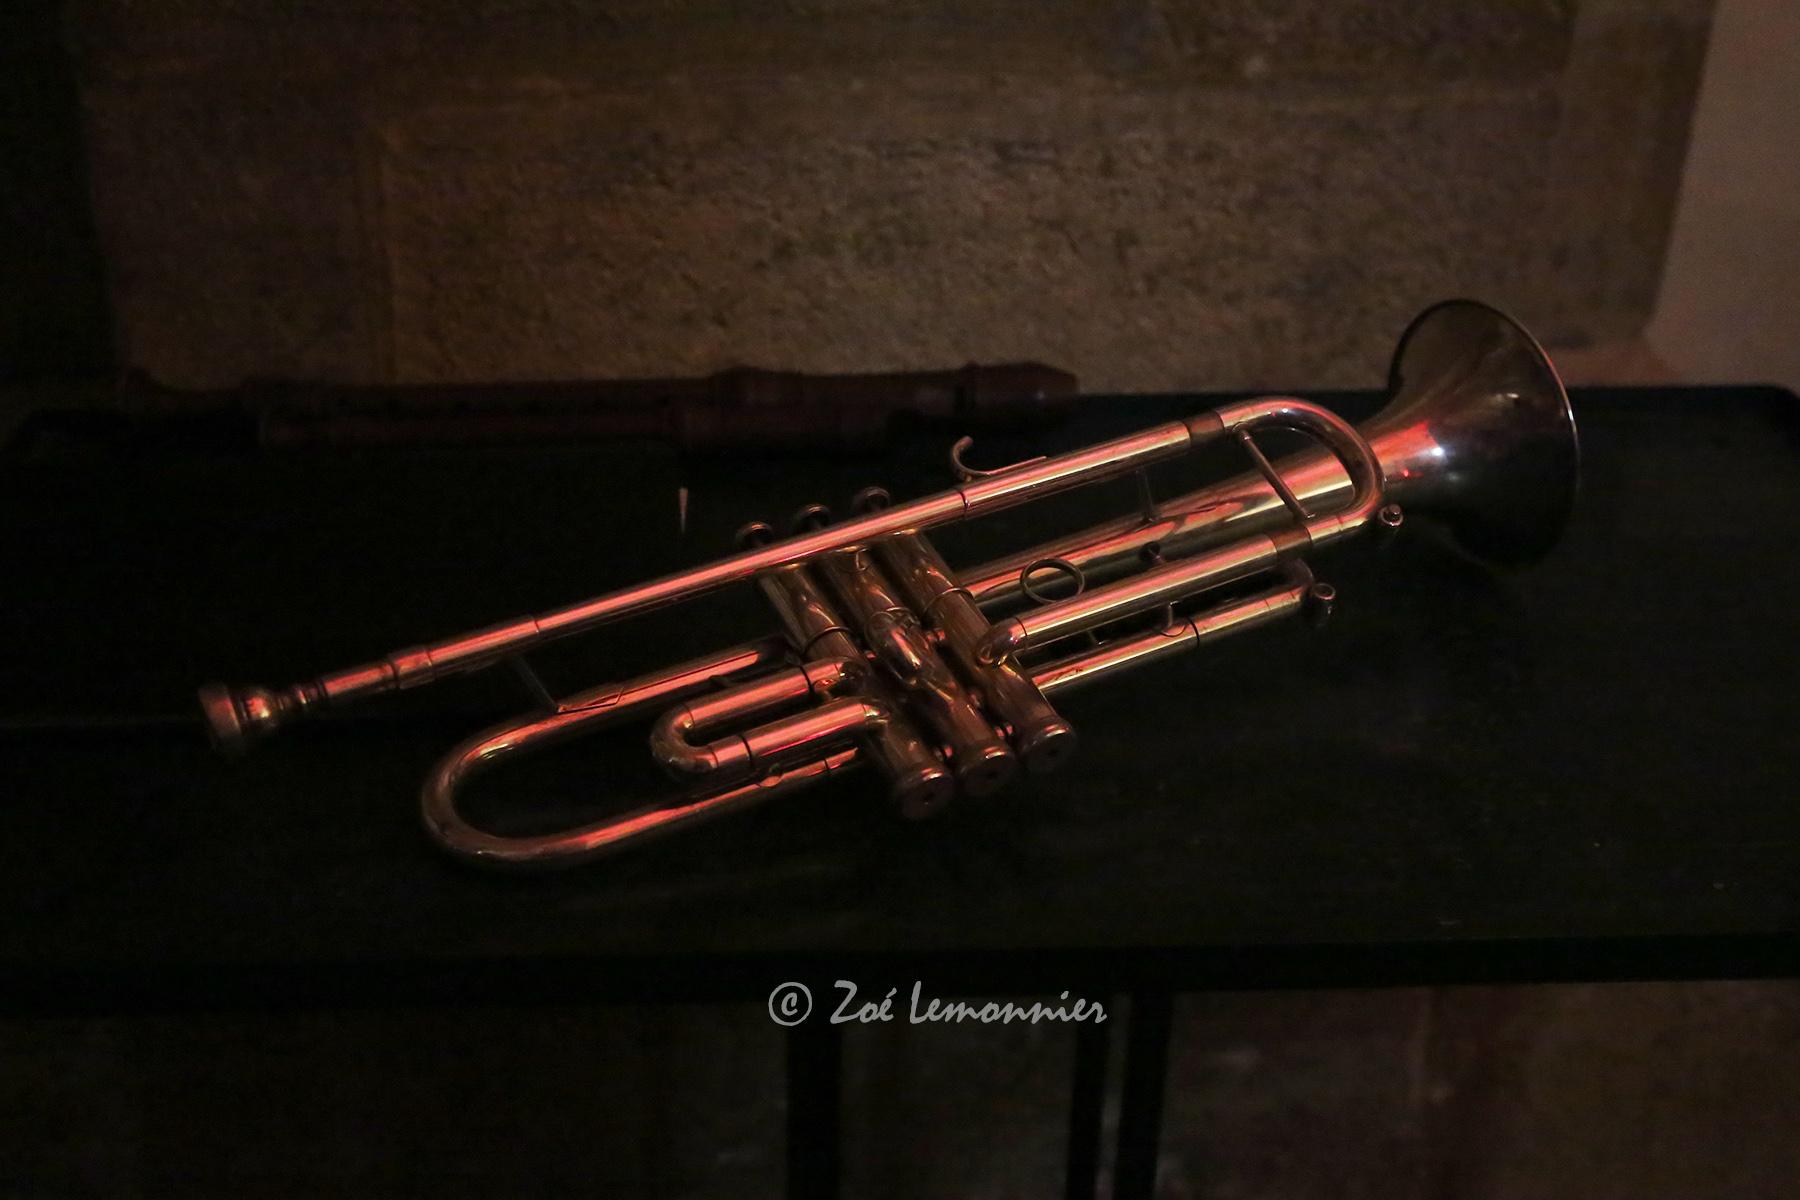 c'est beau un instrument de musique !